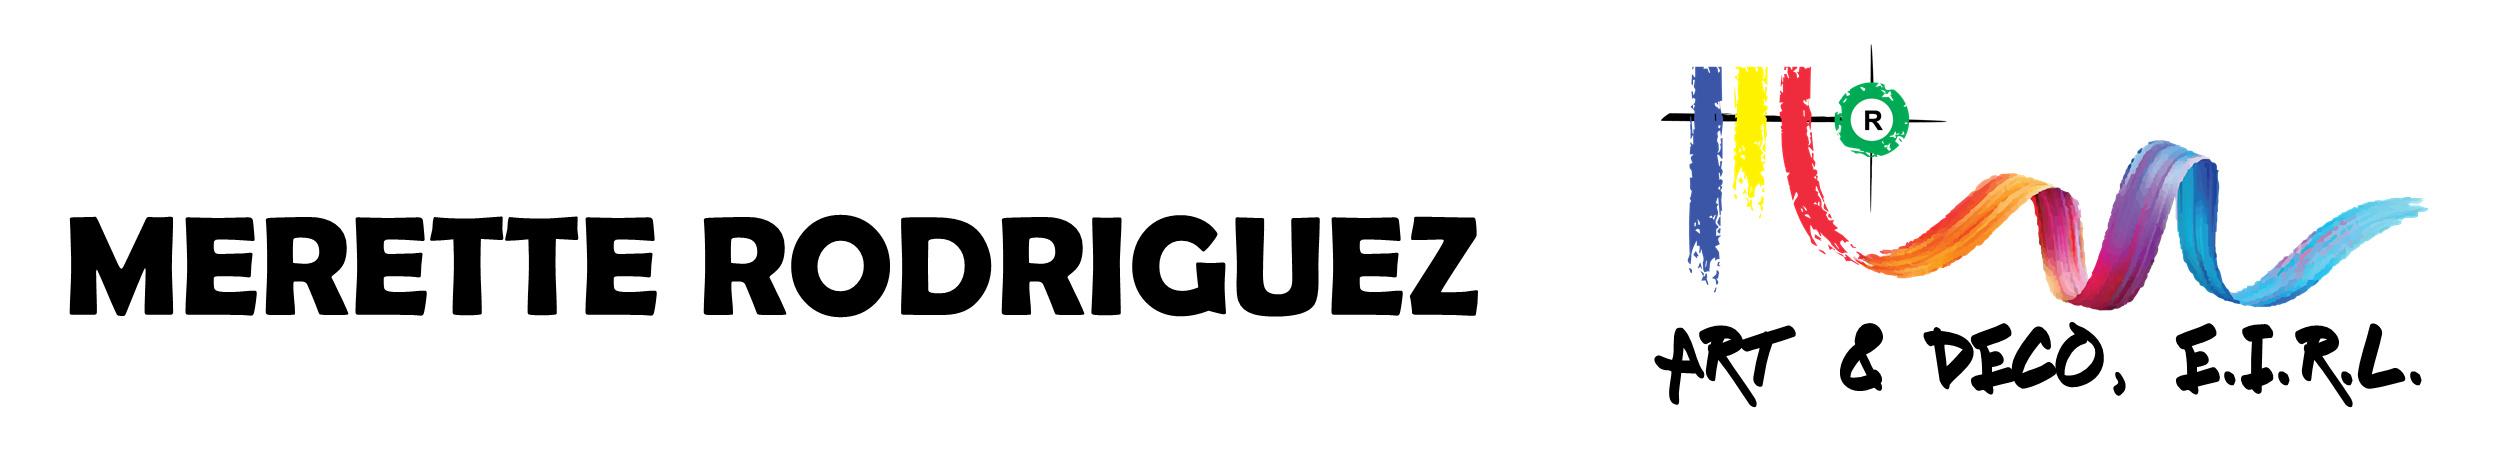 Merette Rodríguez Art & Deco